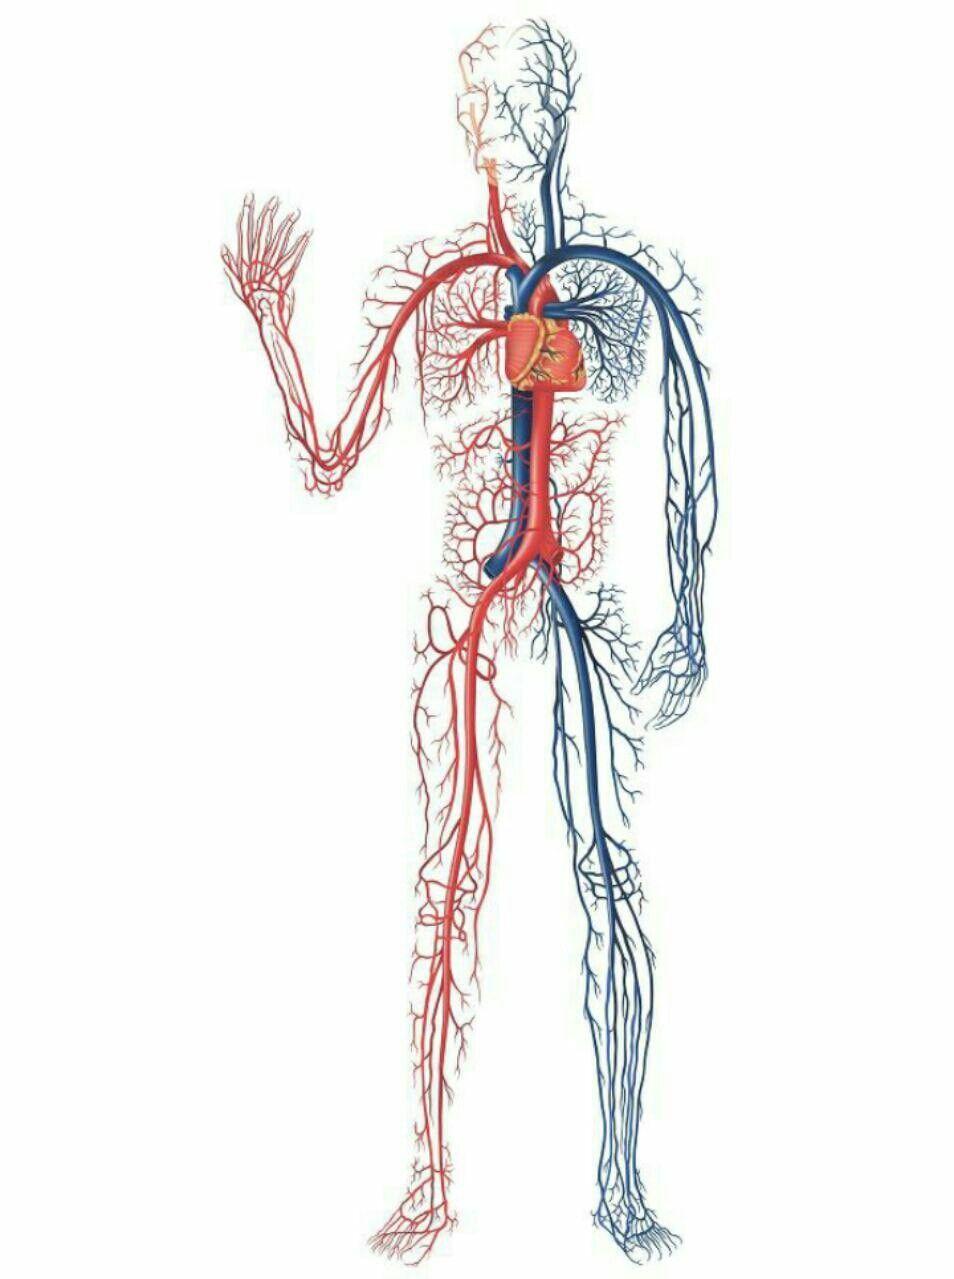 100 000 كيلومتر طول الأوعية الدموية في جسم الإنسان Save